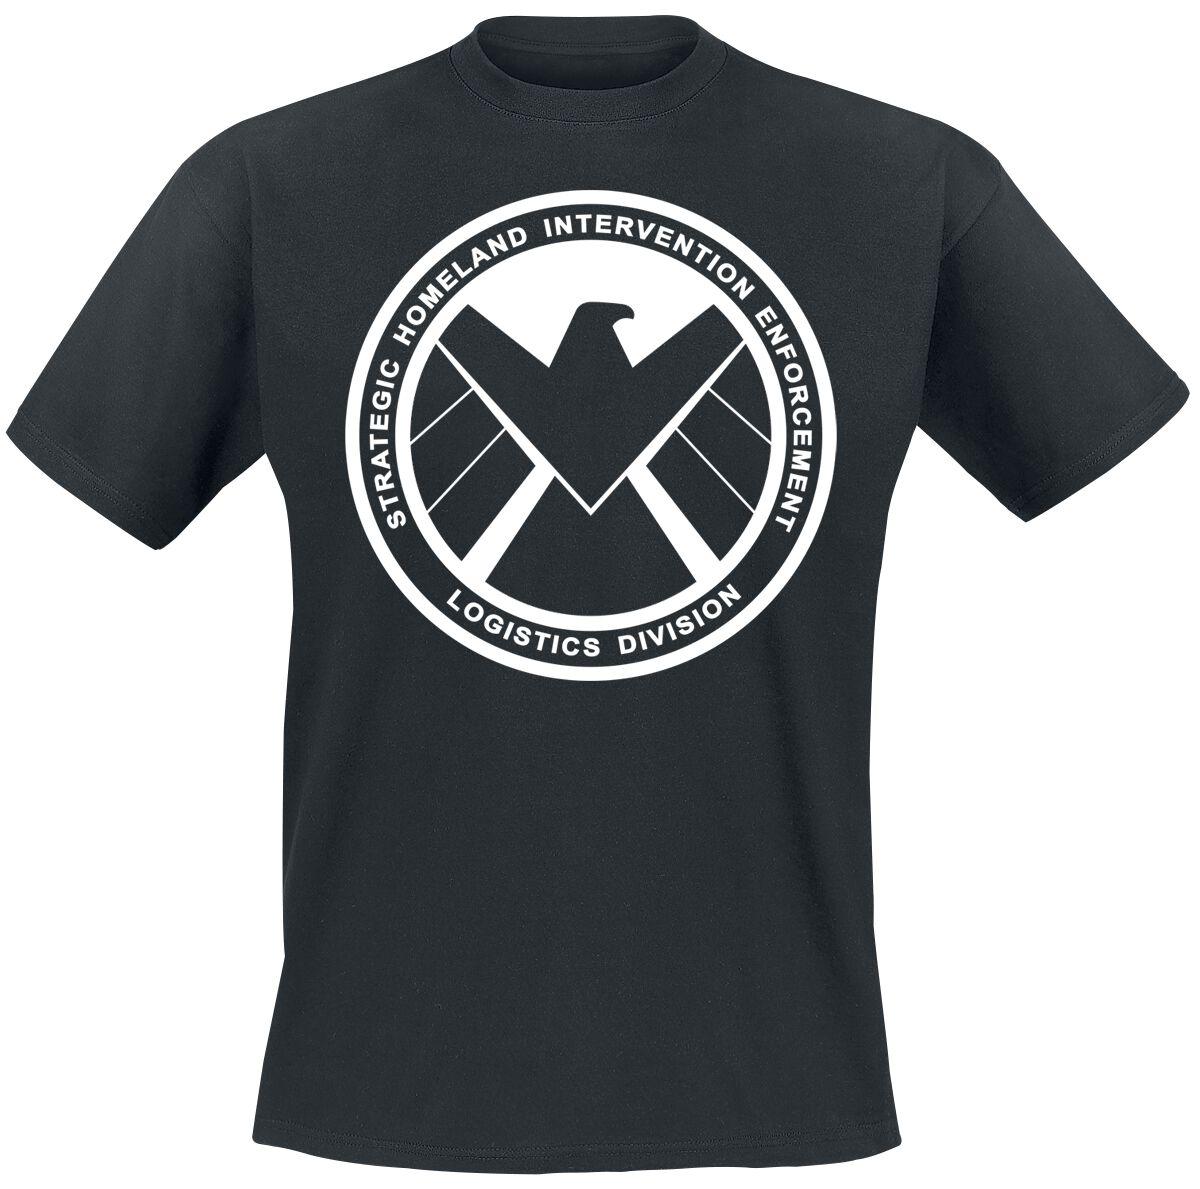 Merch dla Fanów - Koszulki - T-Shirt Agents of S.H.I.E.L.D. S.H.I.E.L.D. Emblem T-Shirt czarny - 328144